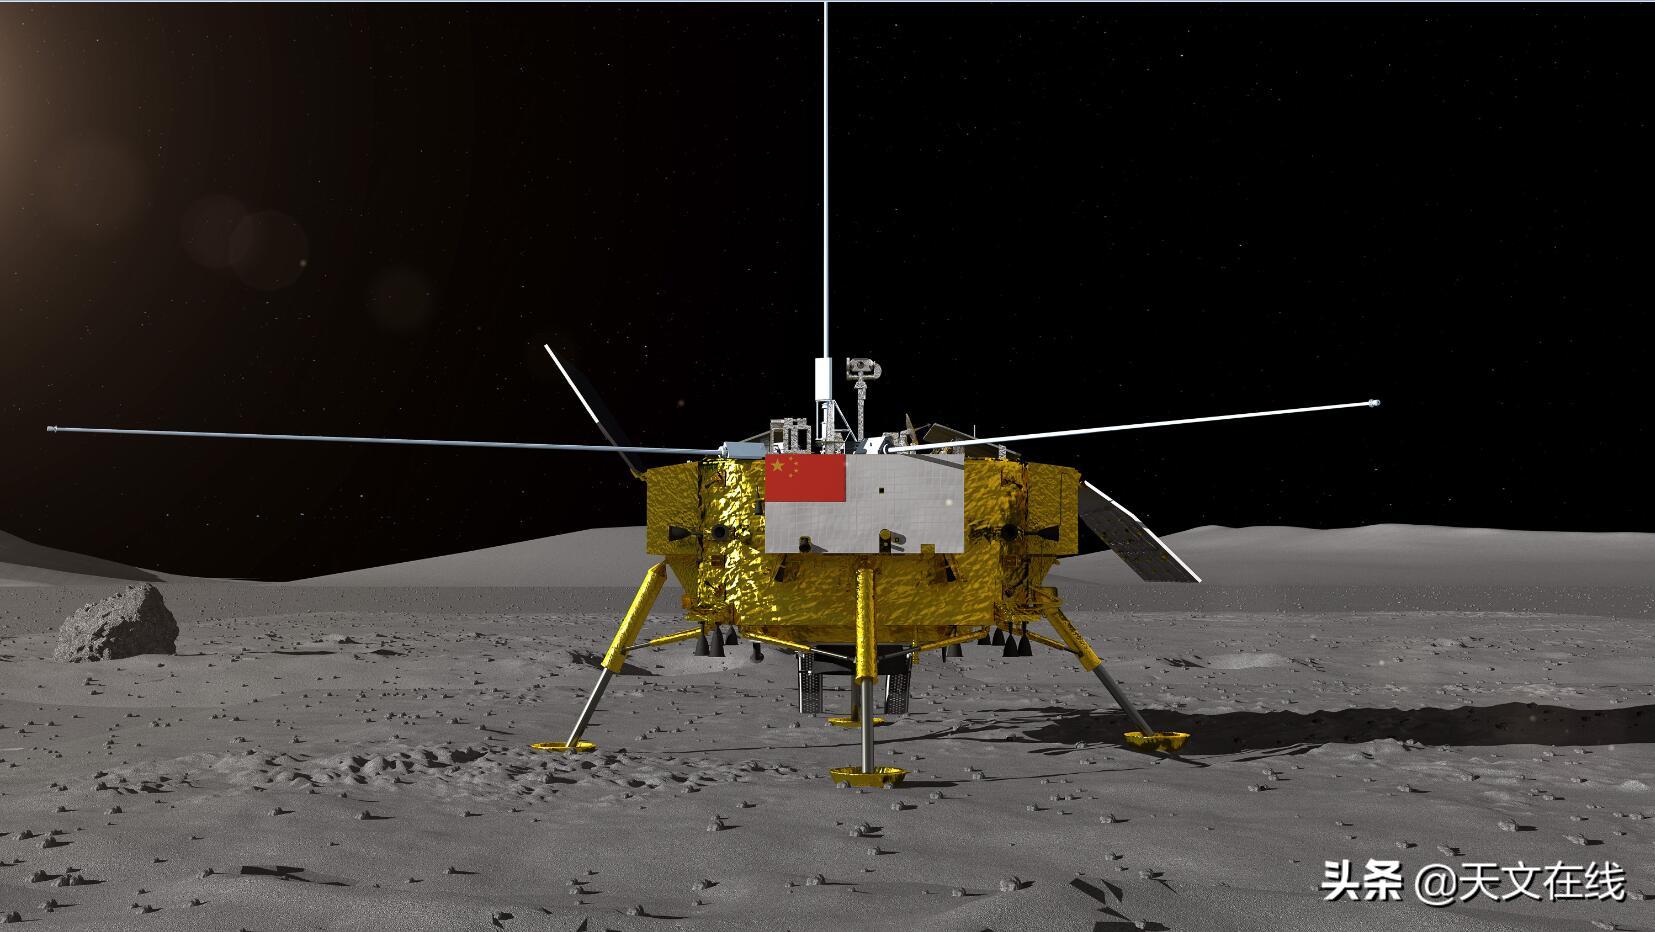 神秘月背之旅:来自中国月球车的凝望